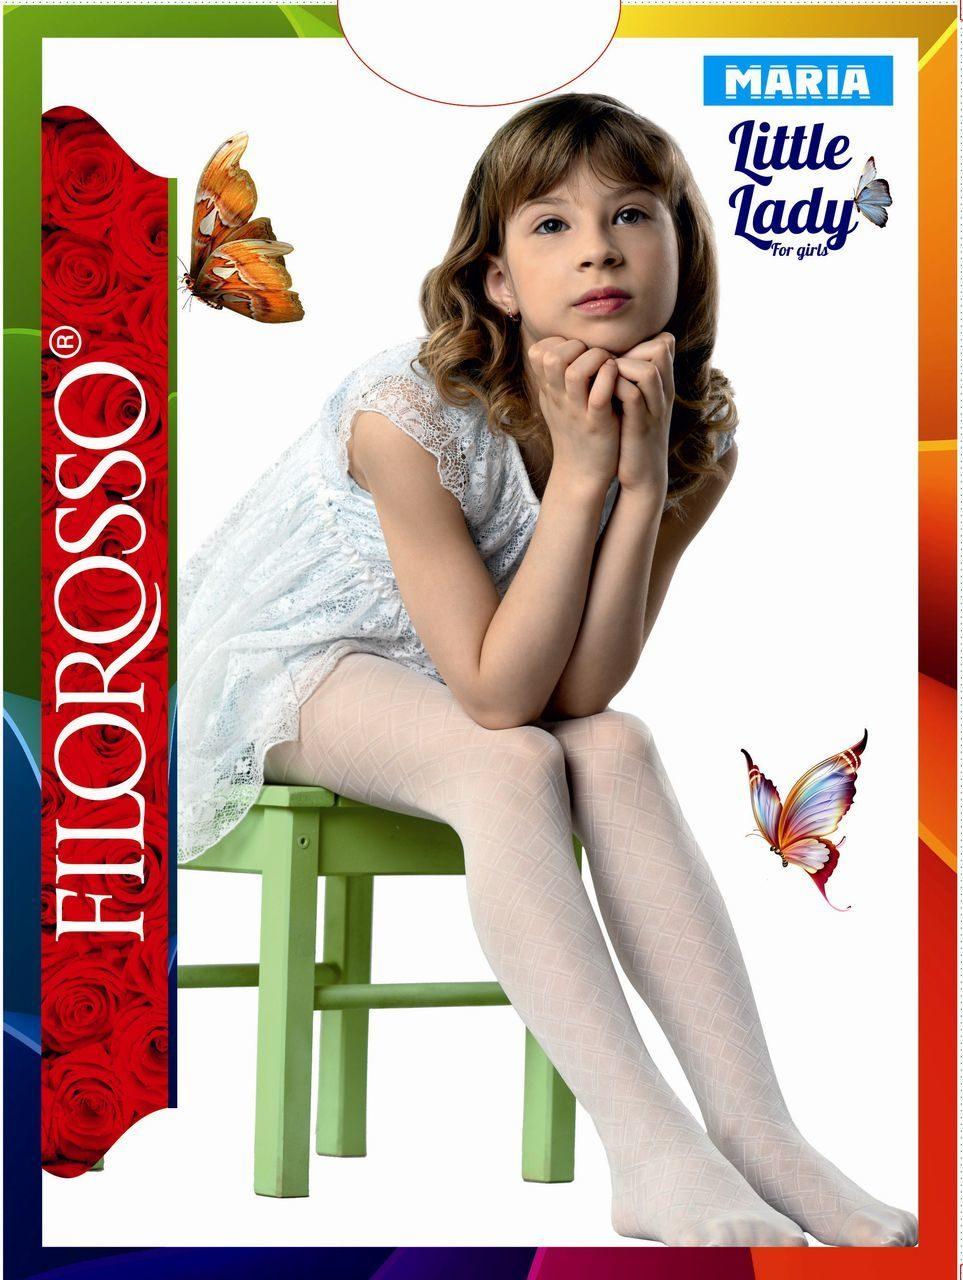 Купить Колготки детские Filorosso Сетка-Ромбик 40 den, розовый, р. 98-104, Колготки для девочек